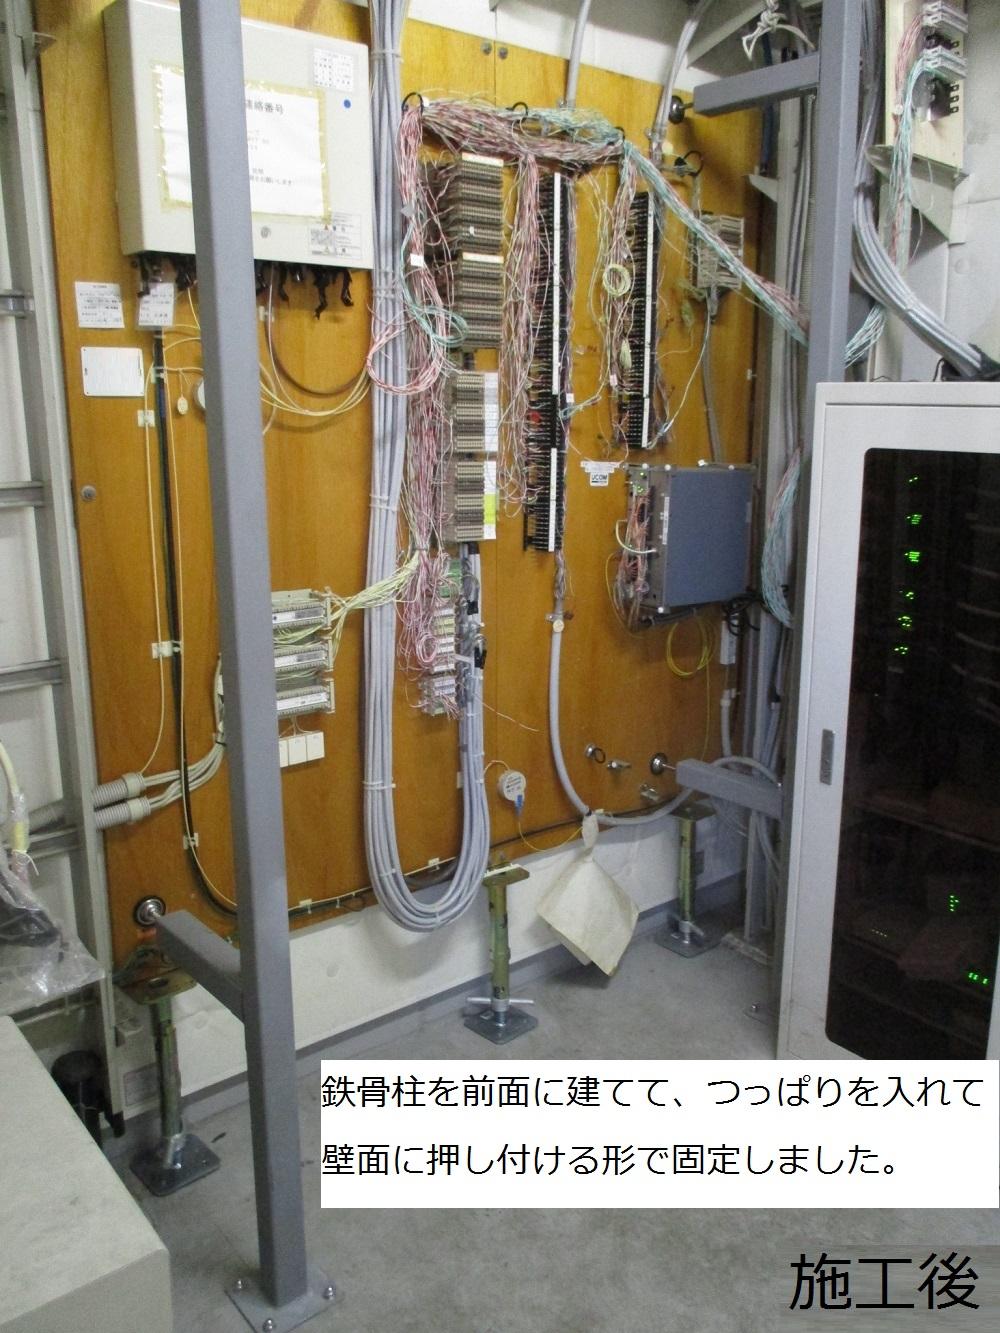 尼崎市 マンション MDF室配線板修繕工事イメージ01